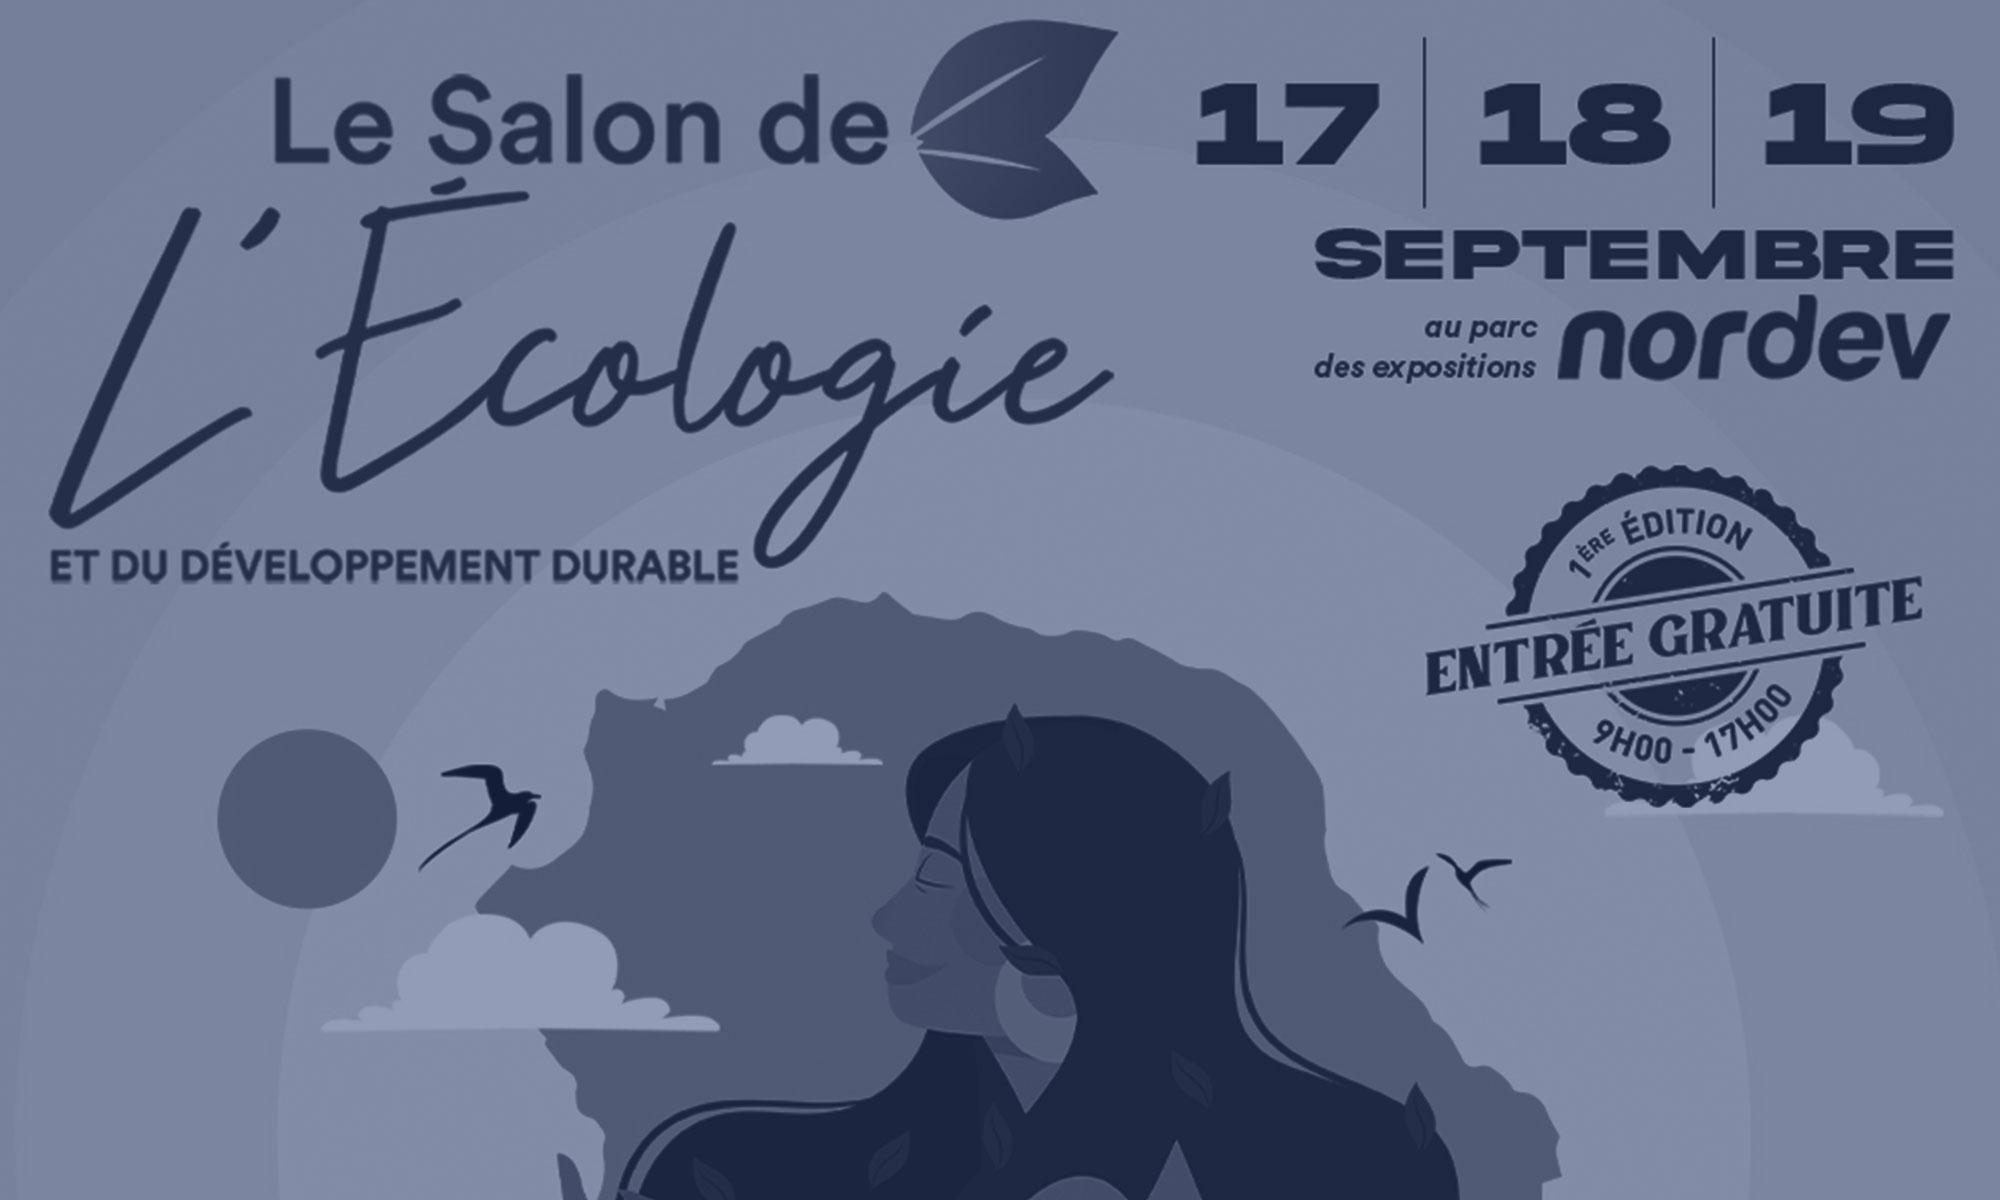 ansamb-elles-article-salon-ecologie-ehlonna